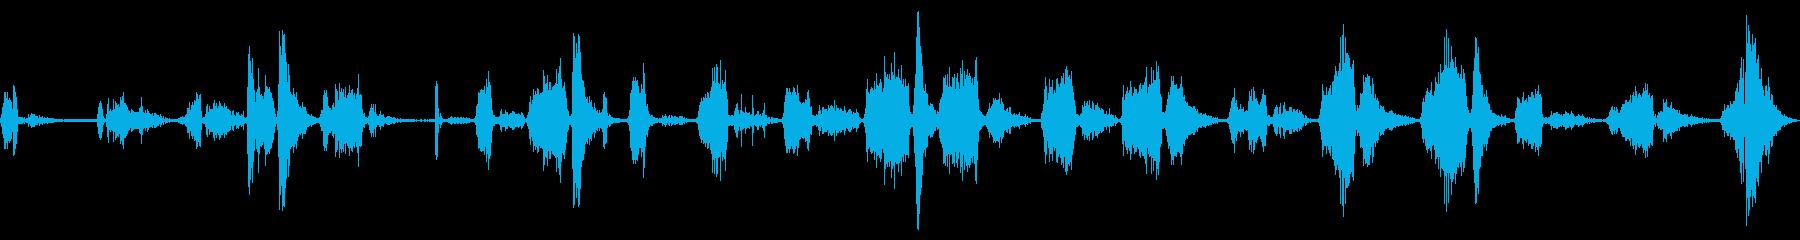 GROWLS、PURR-LIKE ...の再生済みの波形